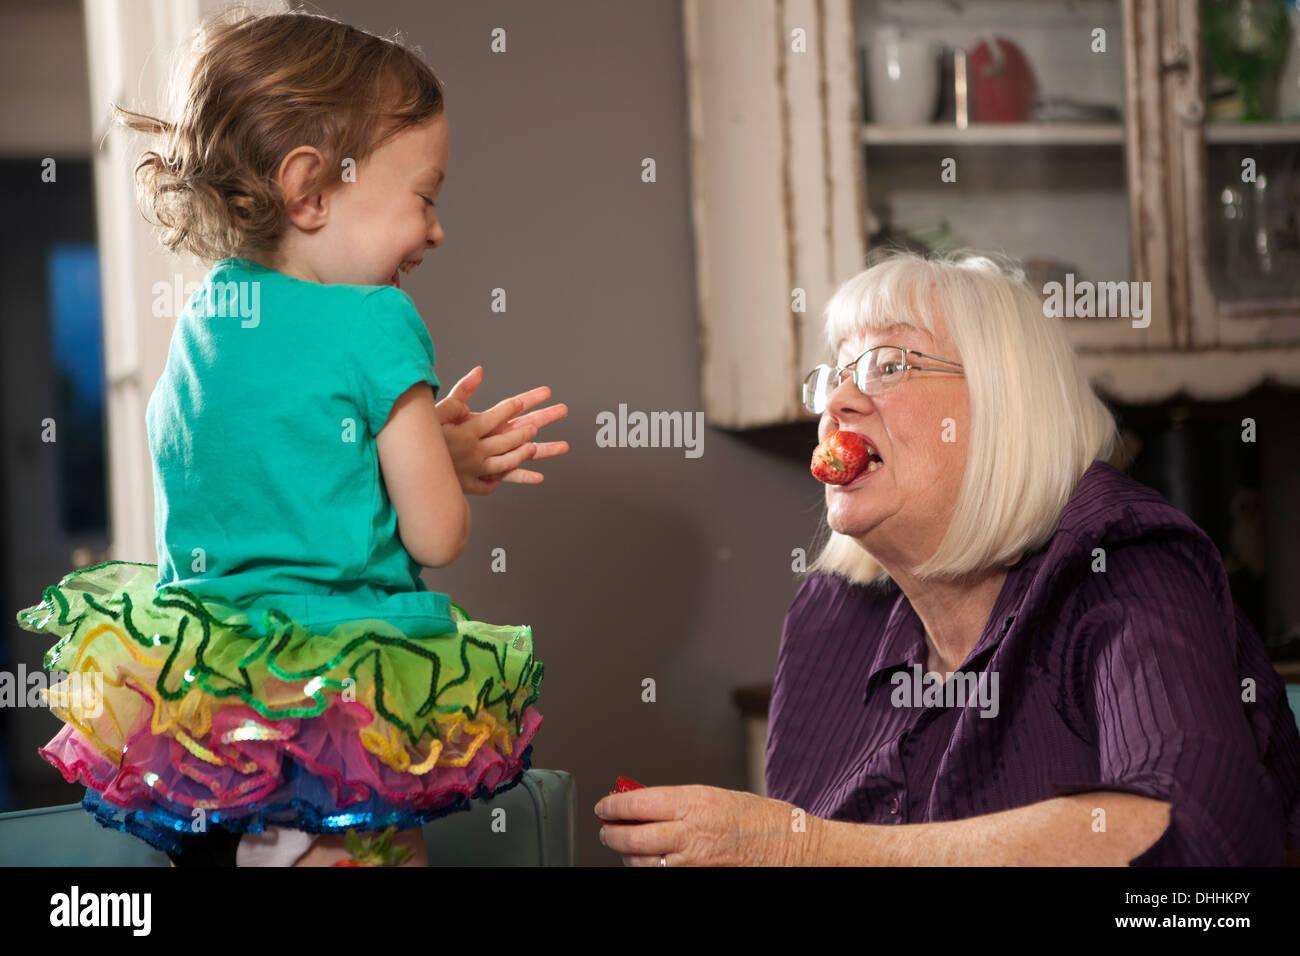 Mädchen, die Fütterung Großmutter einer Erdbeere Stockbild